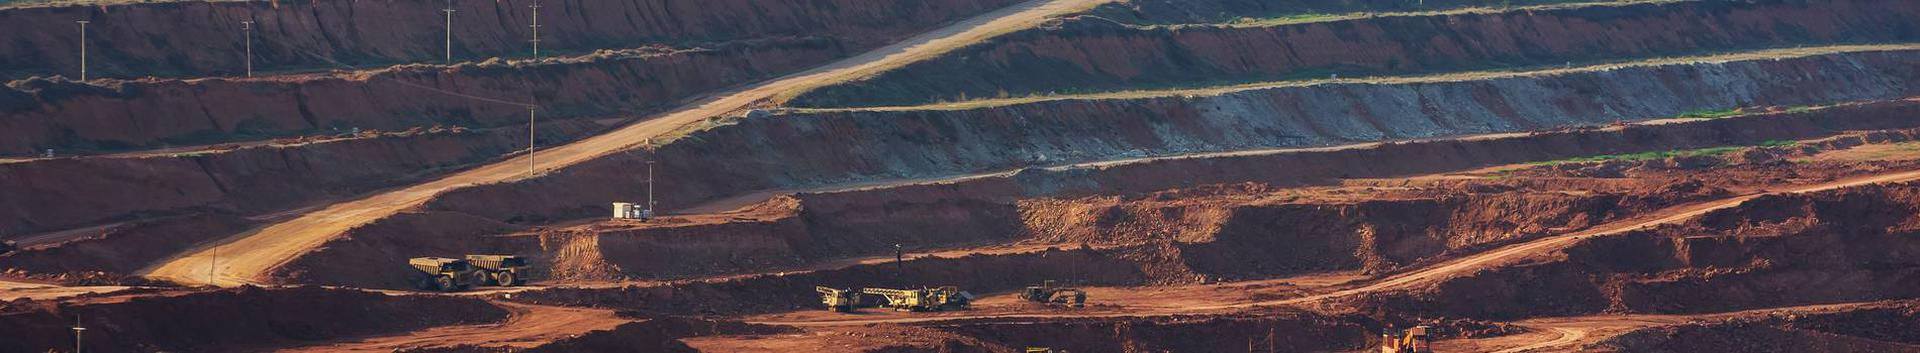 46631_kaevandusmasinate-hulgimuuk_28566188_xl.jpg